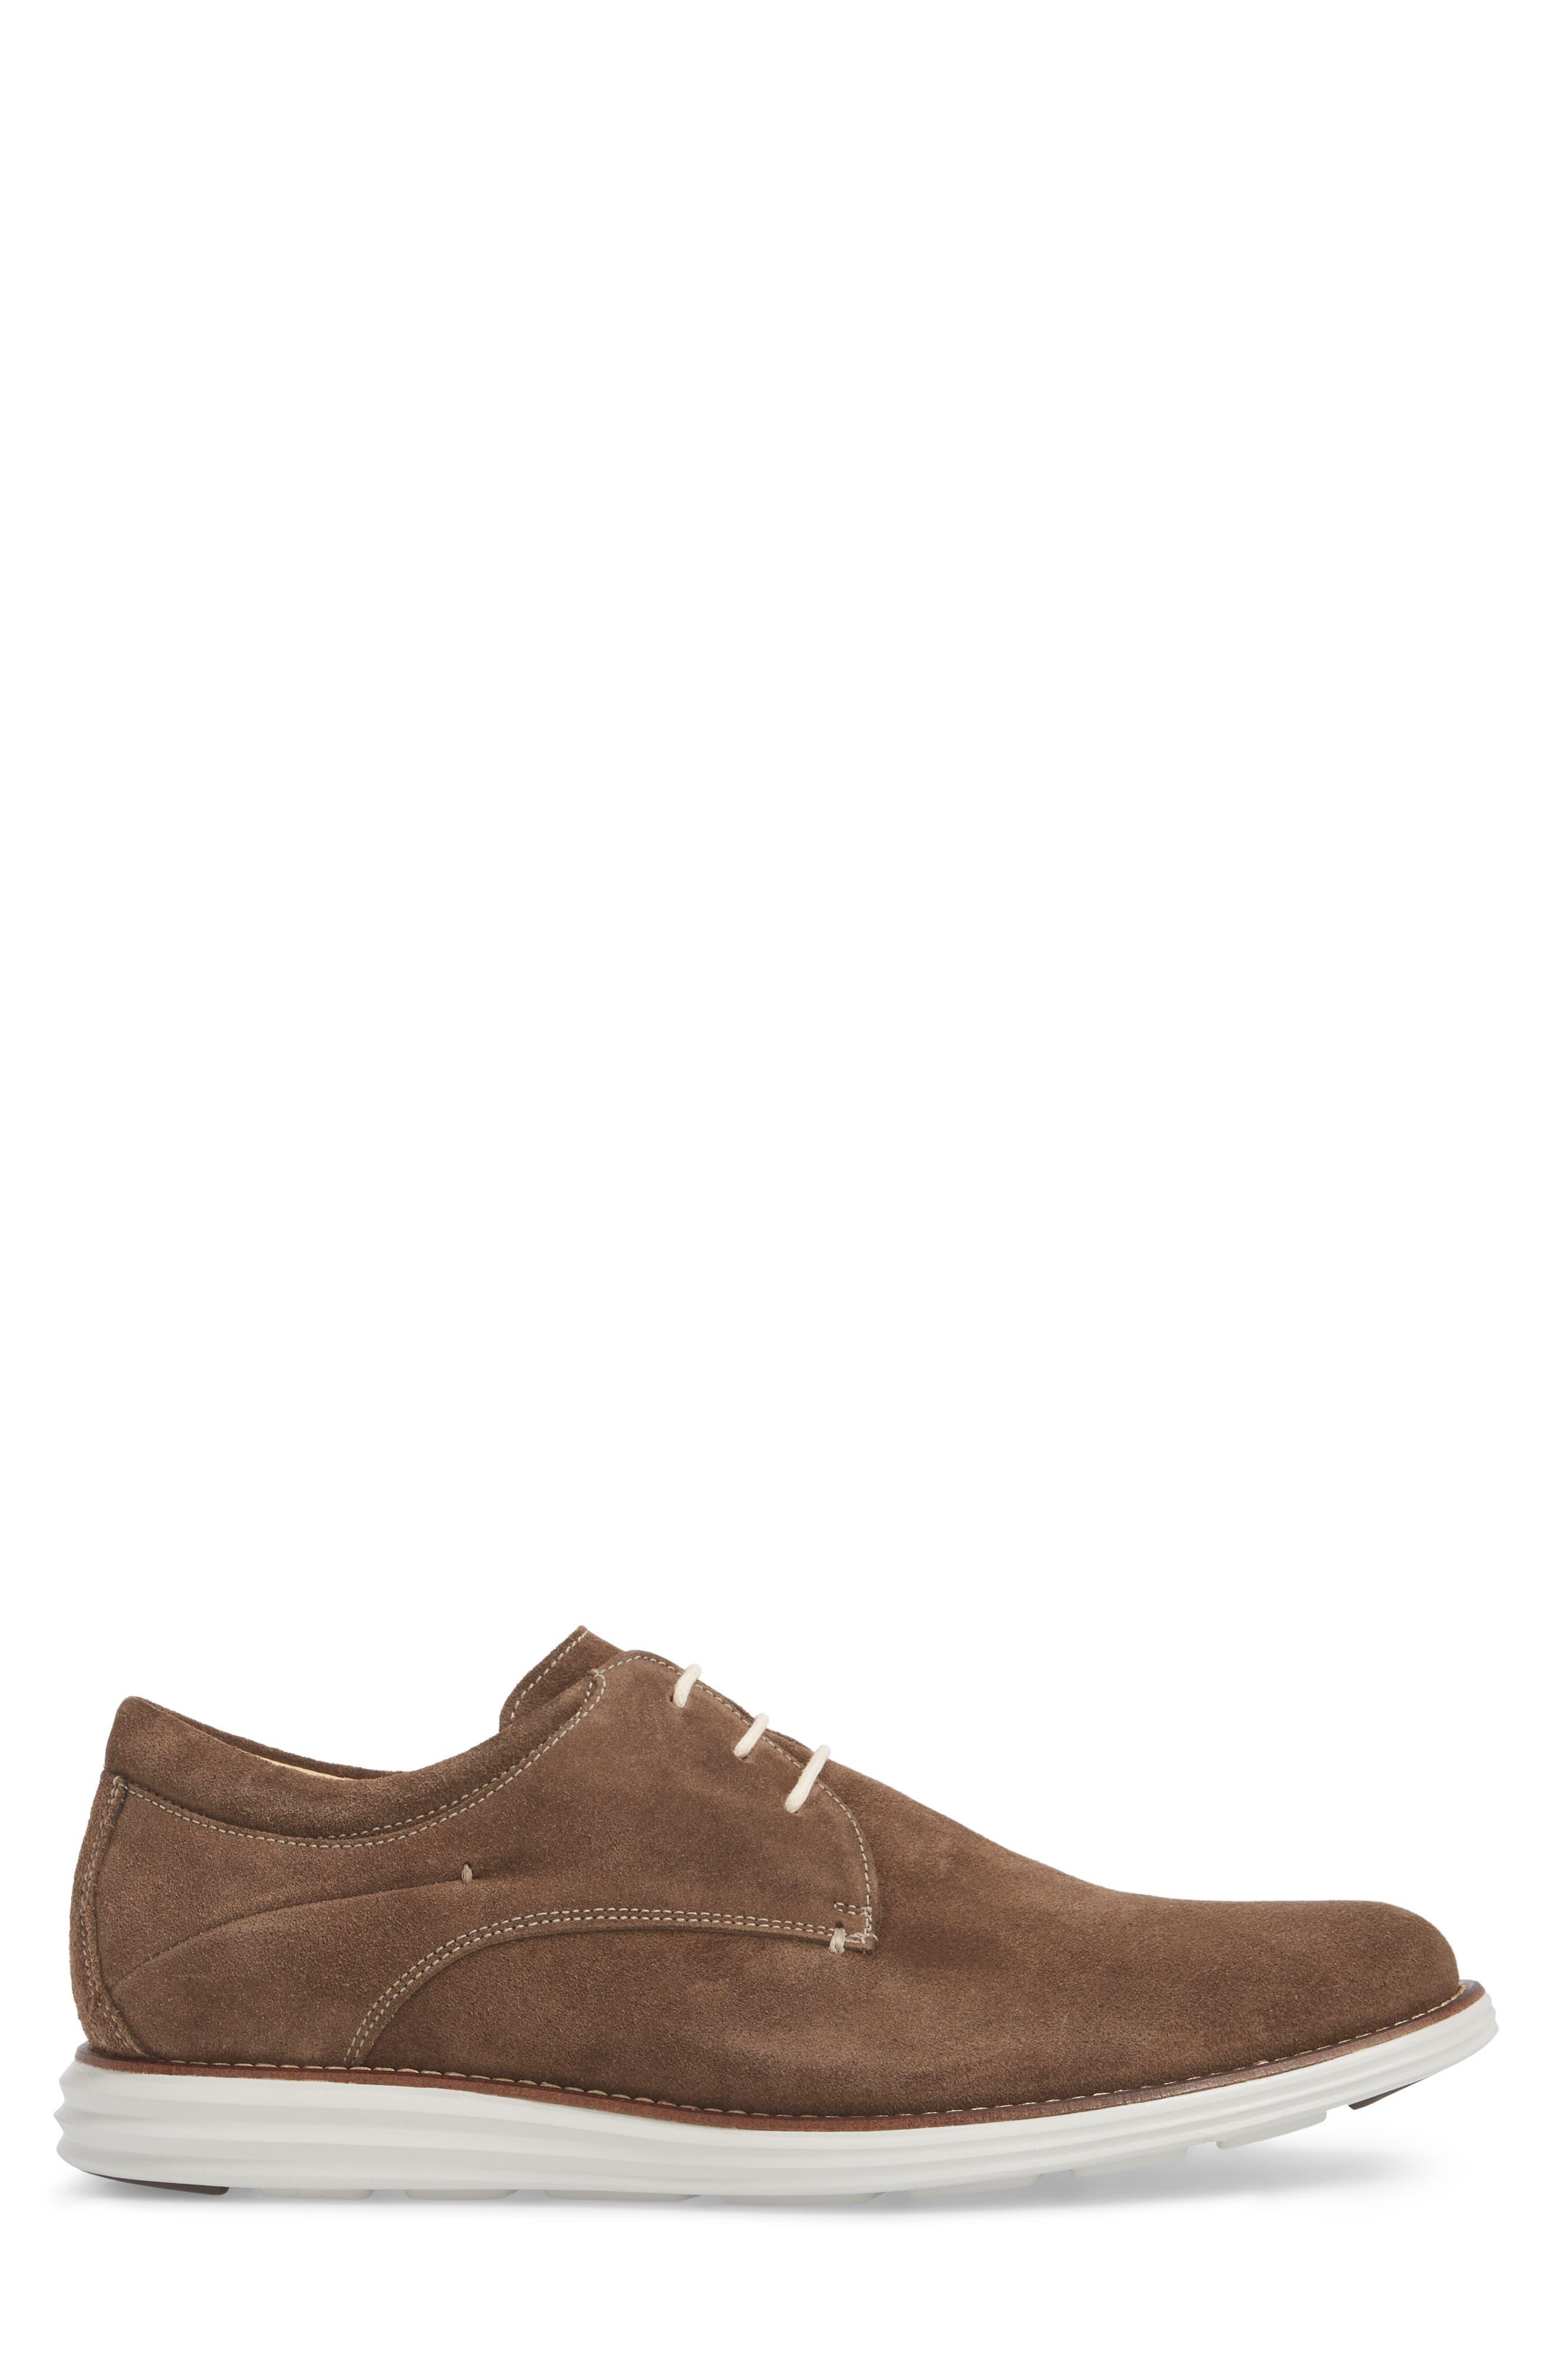 Planalto Plain Toe Derby,                             Alternate thumbnail 3, color,                             Suede Truffle Leather